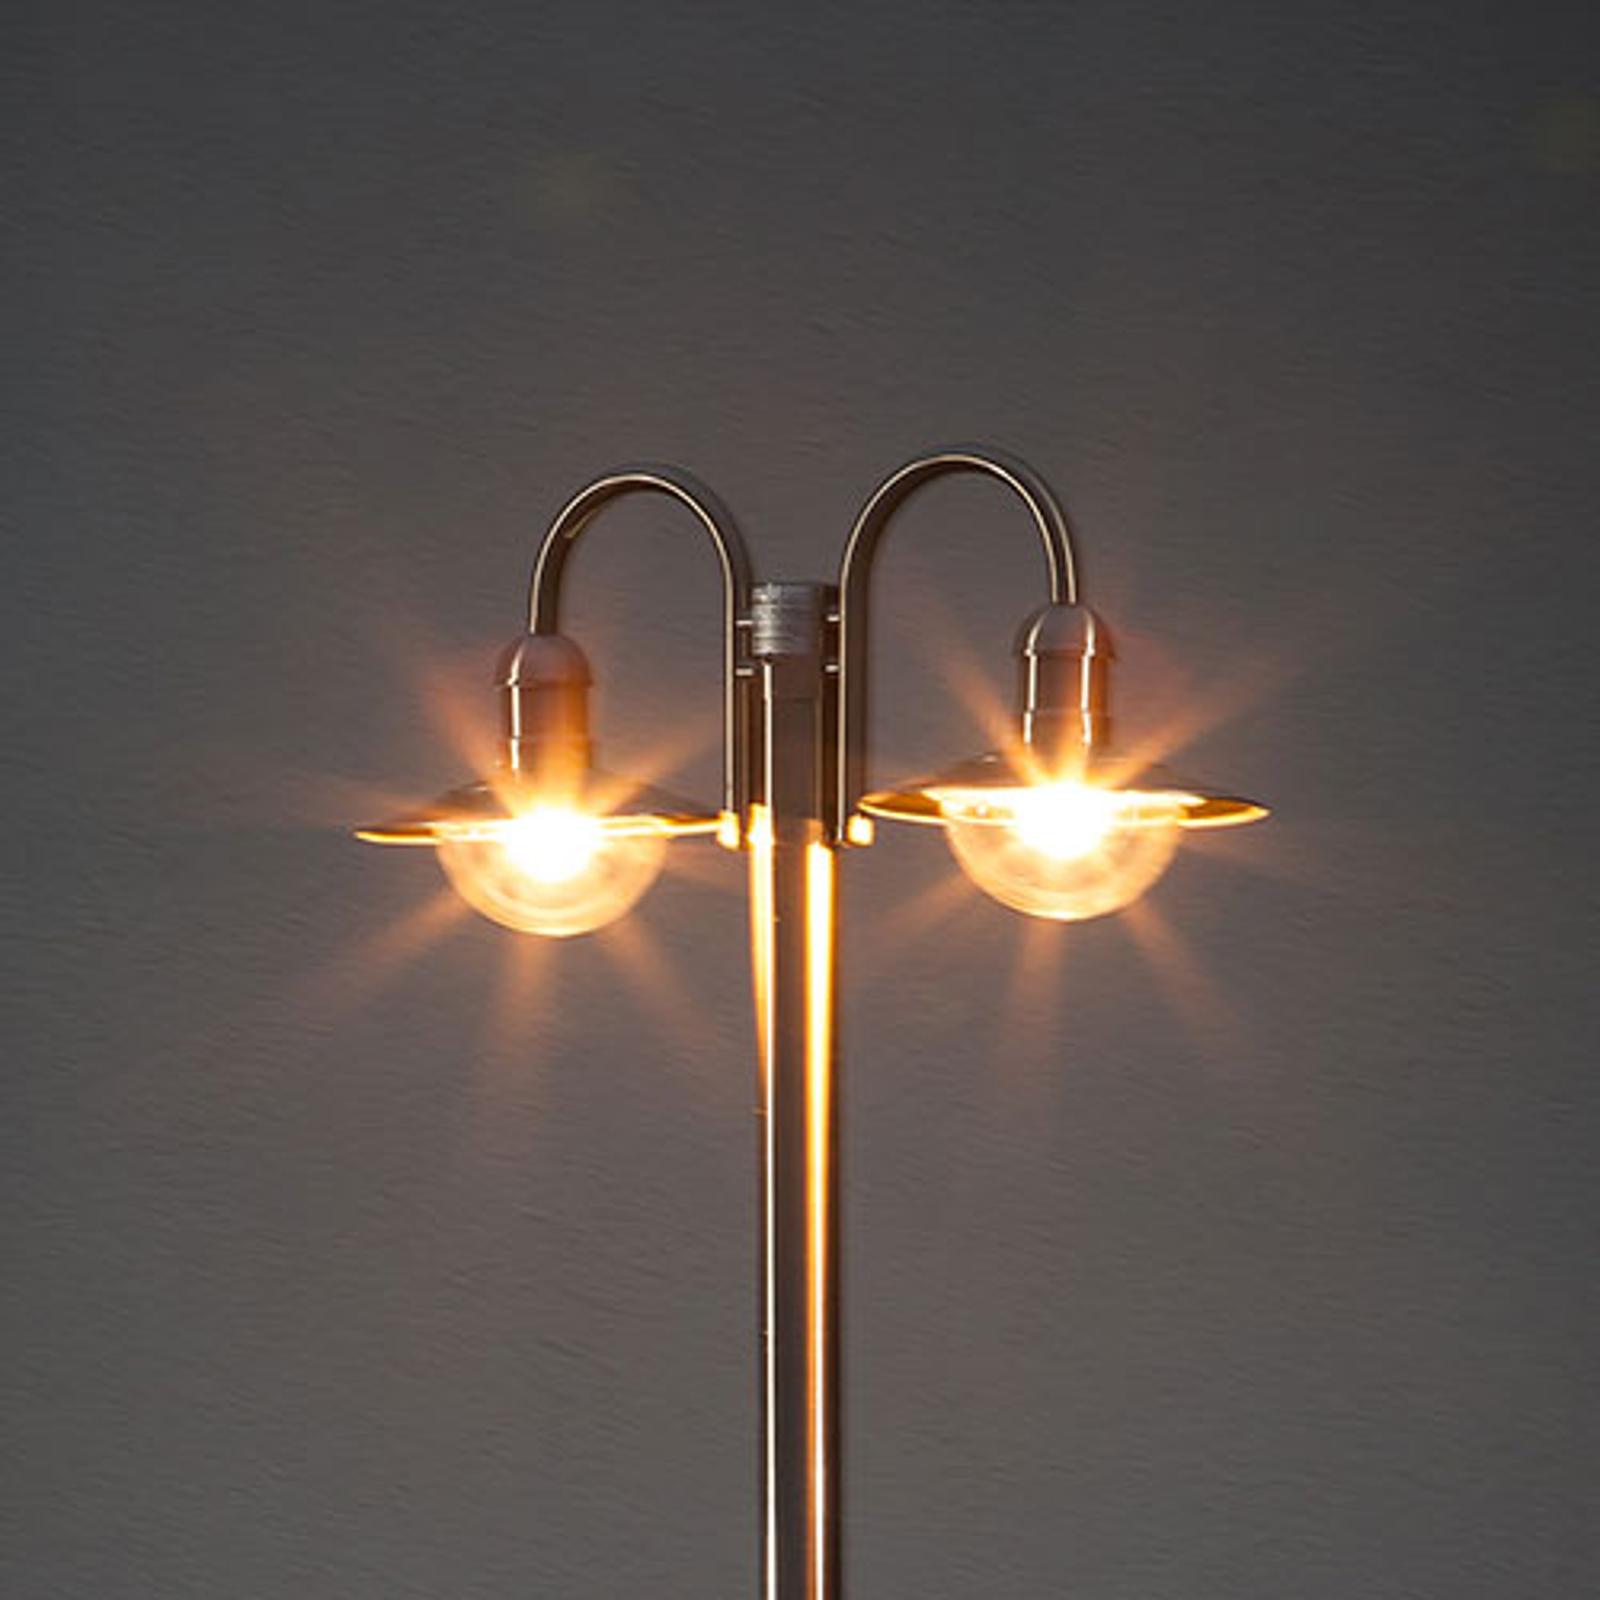 Roestvrijstalen lantaarnpaal Damion, 2 lampkoppen